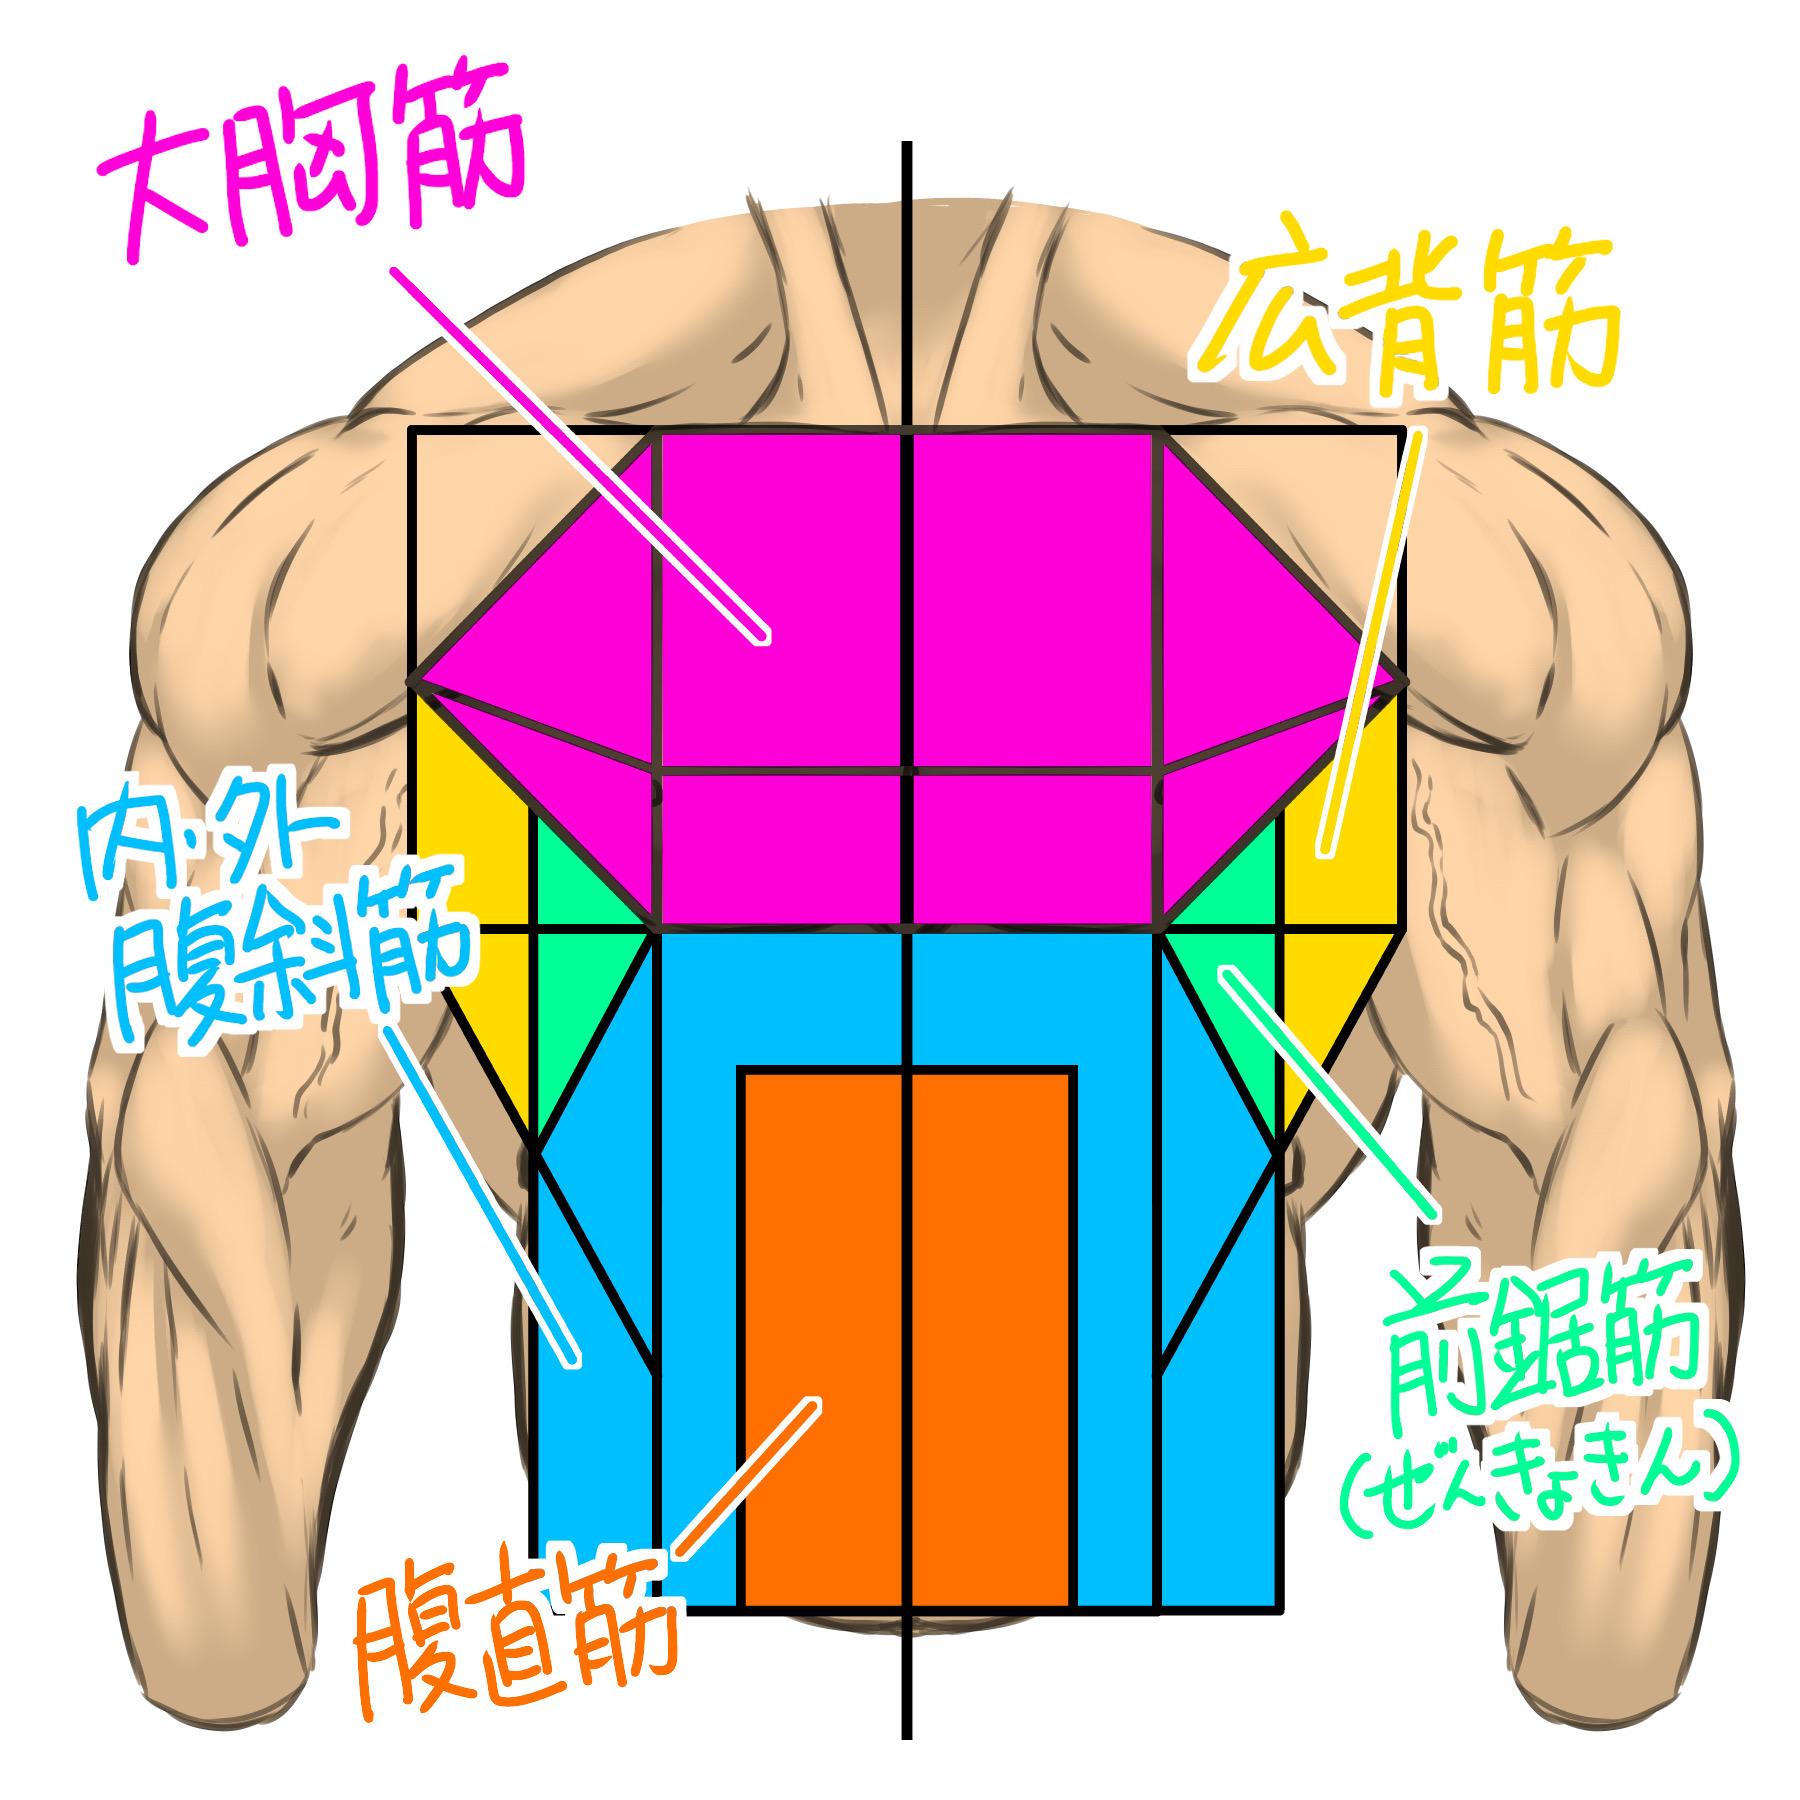 図形で捉えた筋肉を色分けするとこんな感じに表現できます。